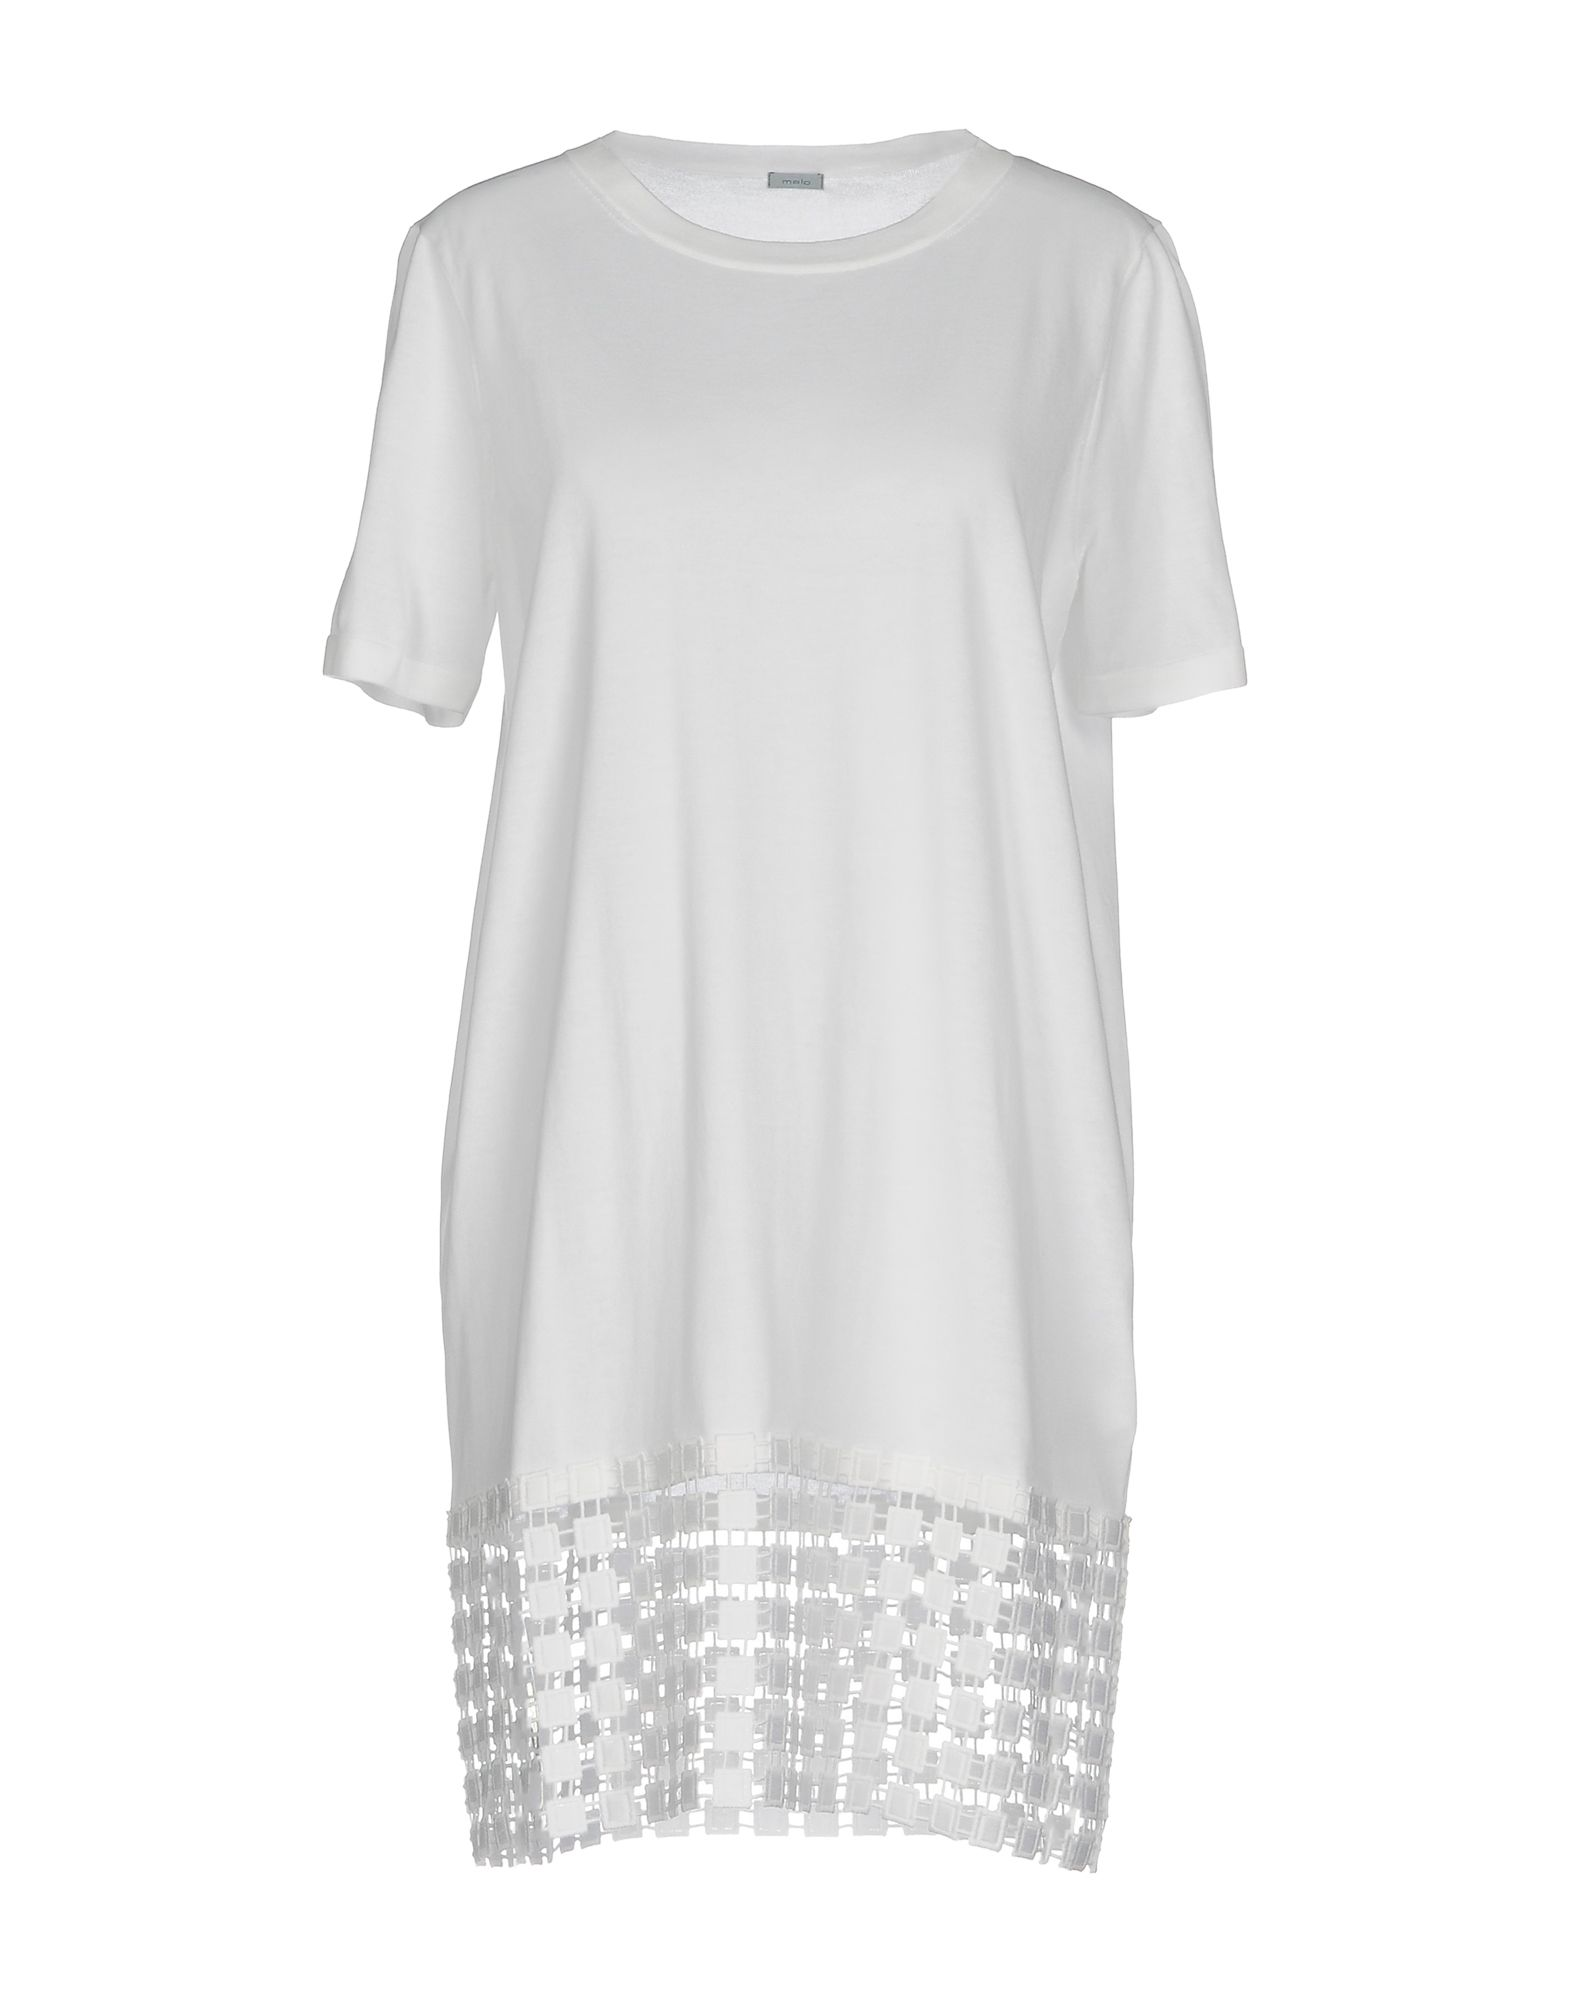 shirt T En MaloSur Les Achats Ligne Femme clK1uTJ3F